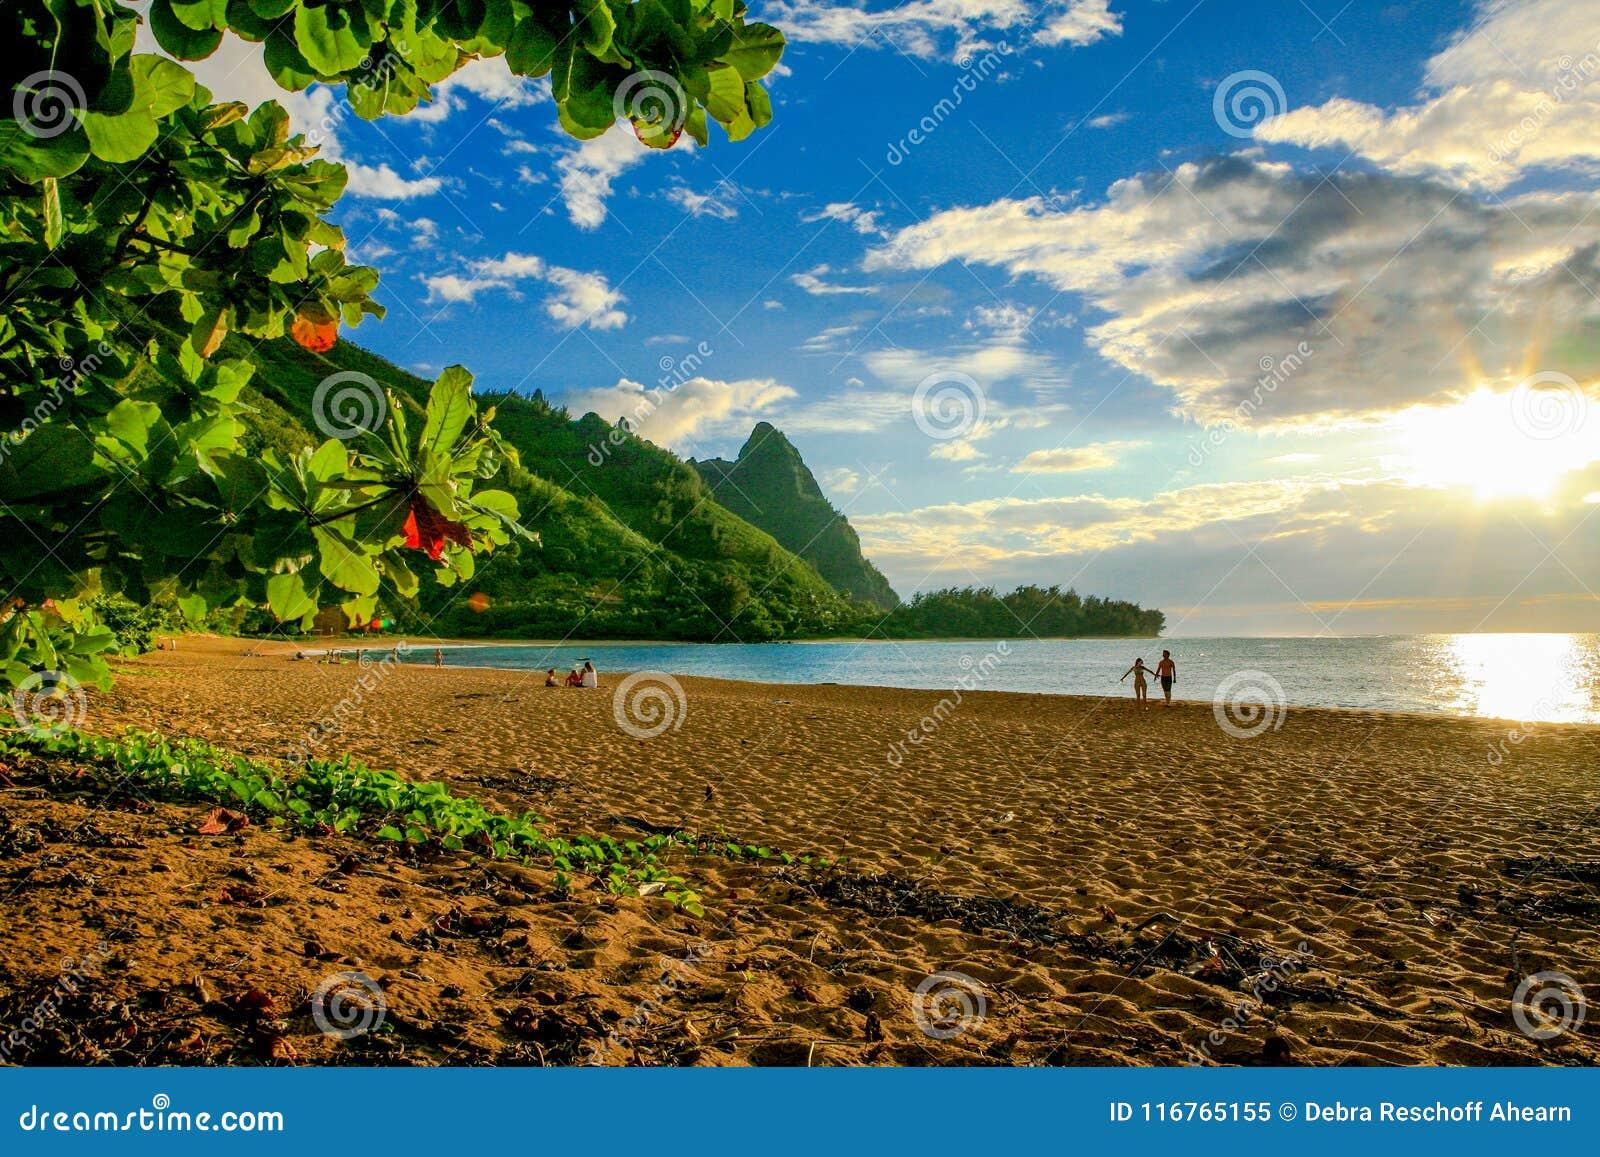 Where Is Bali Hai Island tunnels beach, with makana mountain or bali hai editorial